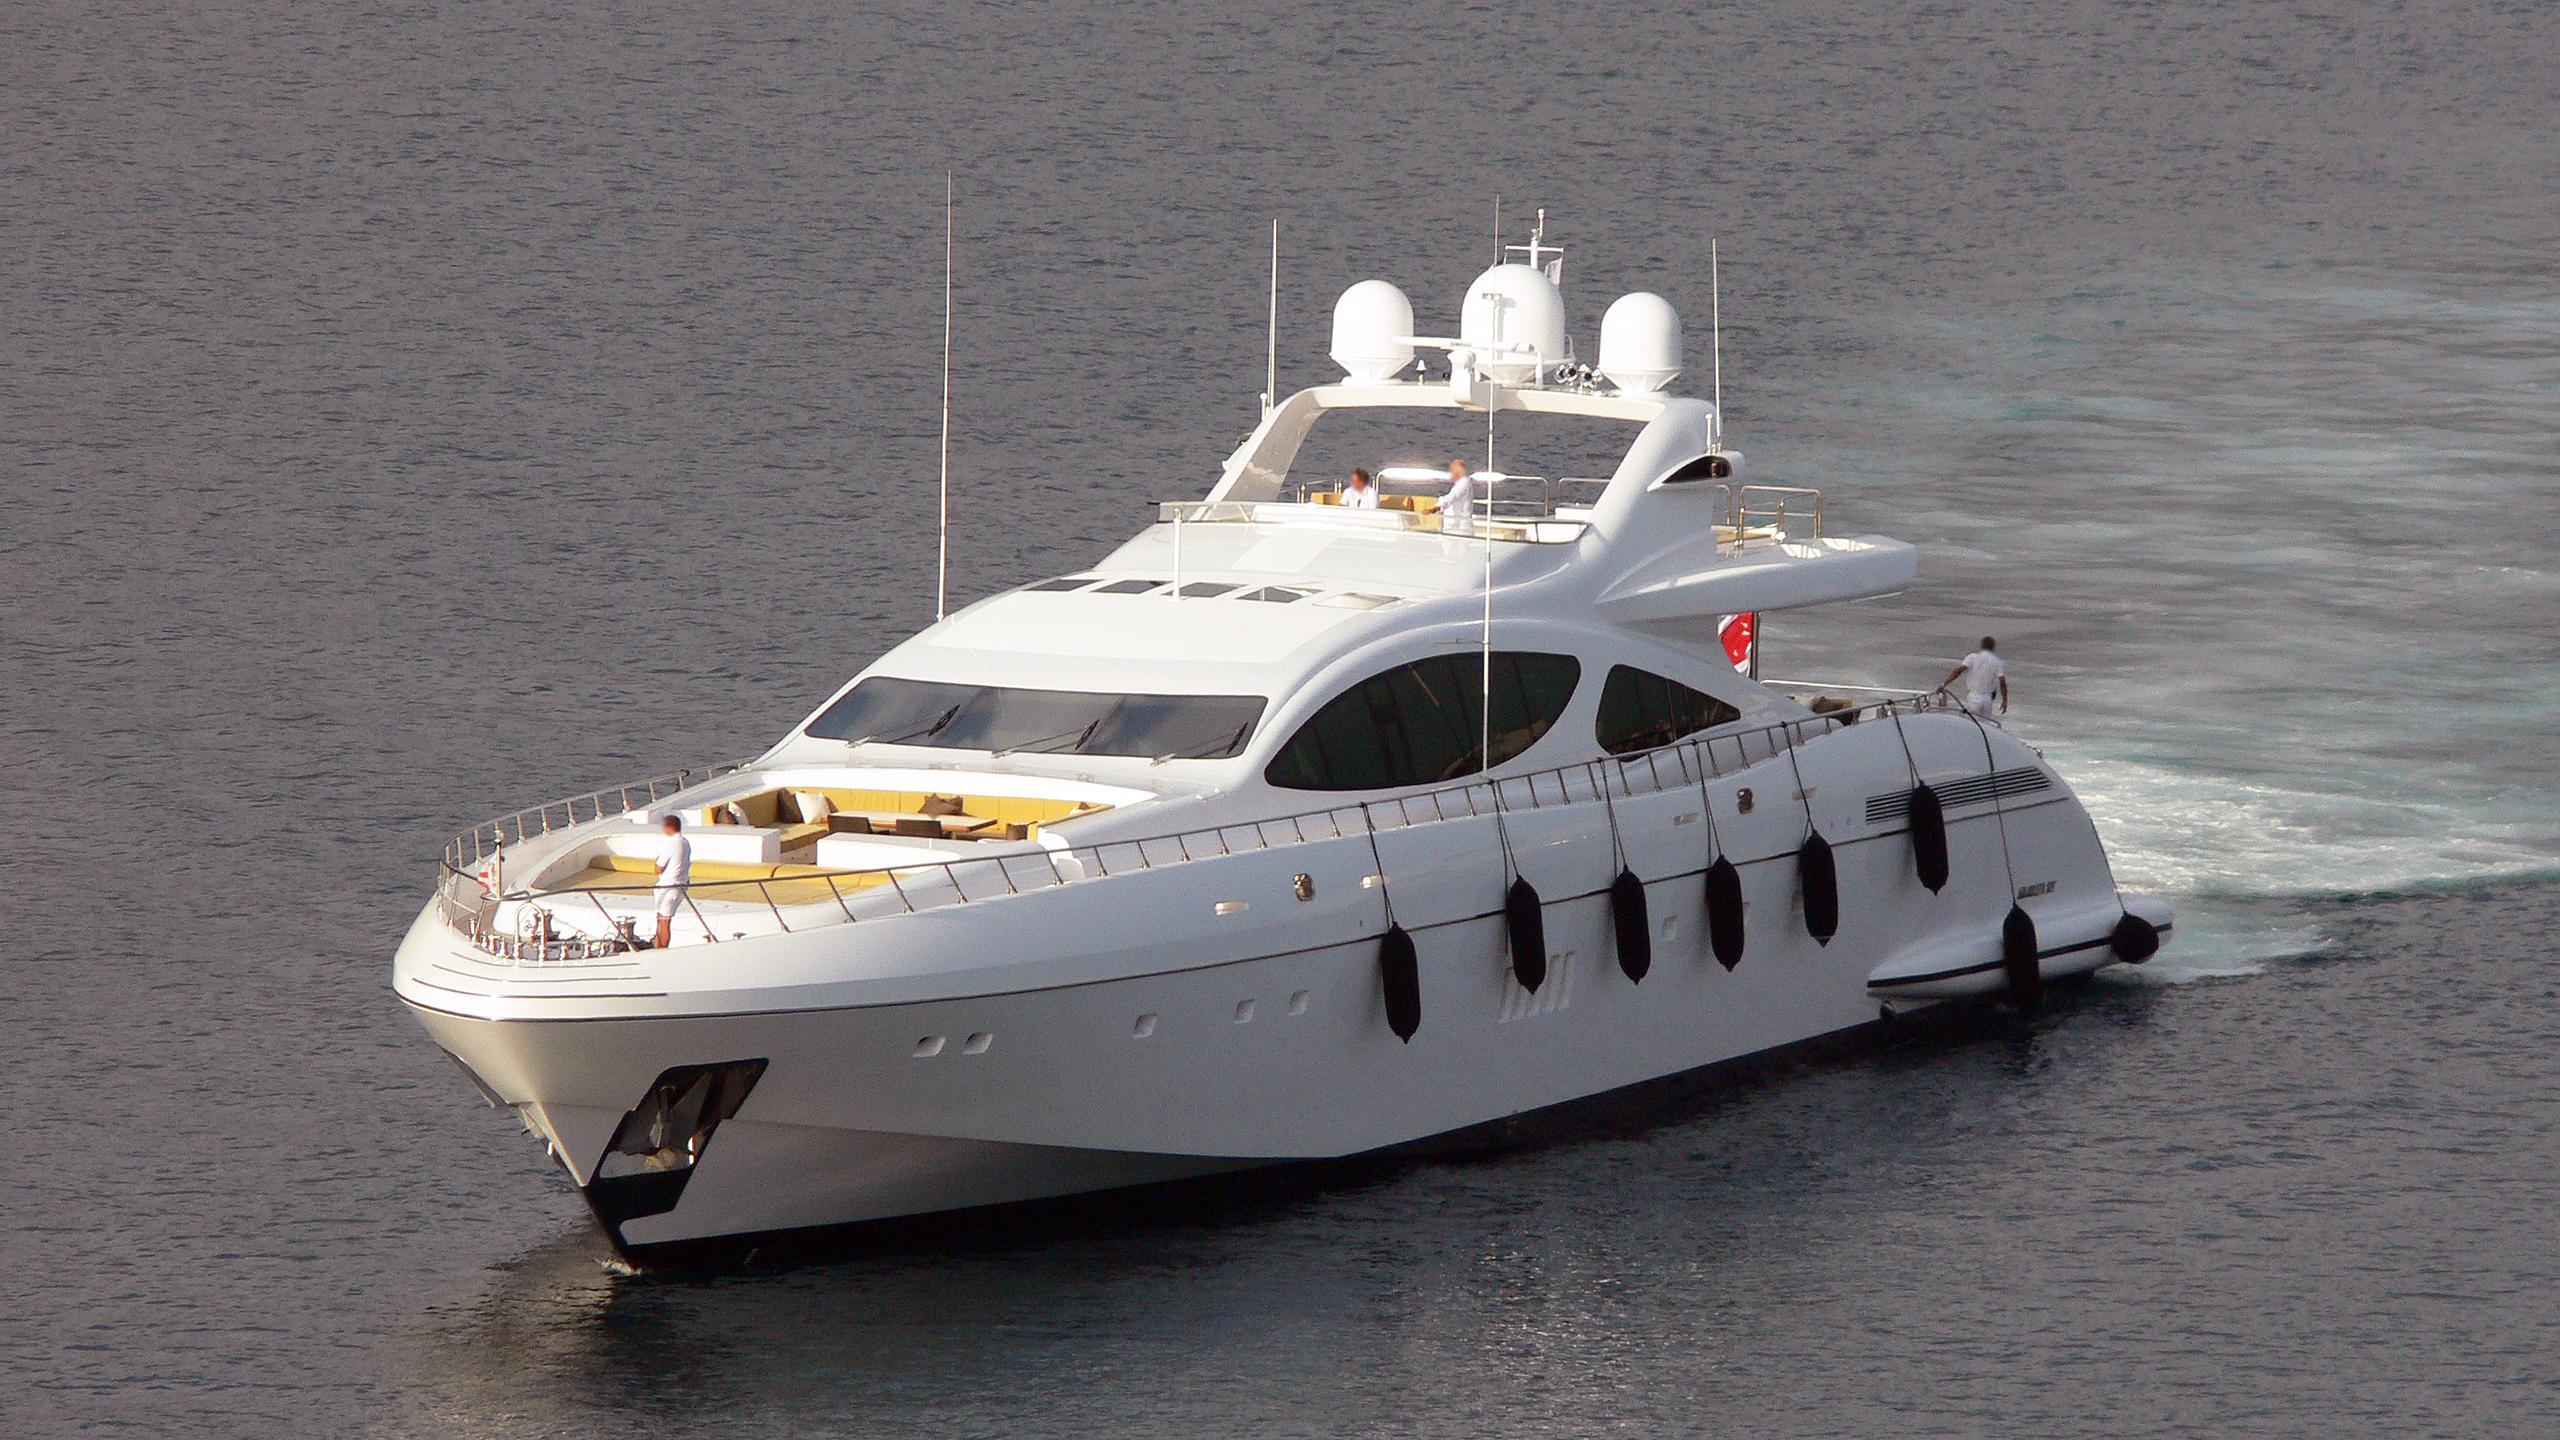 force-india-motor-yacht-overmarine-2007-50m-bow